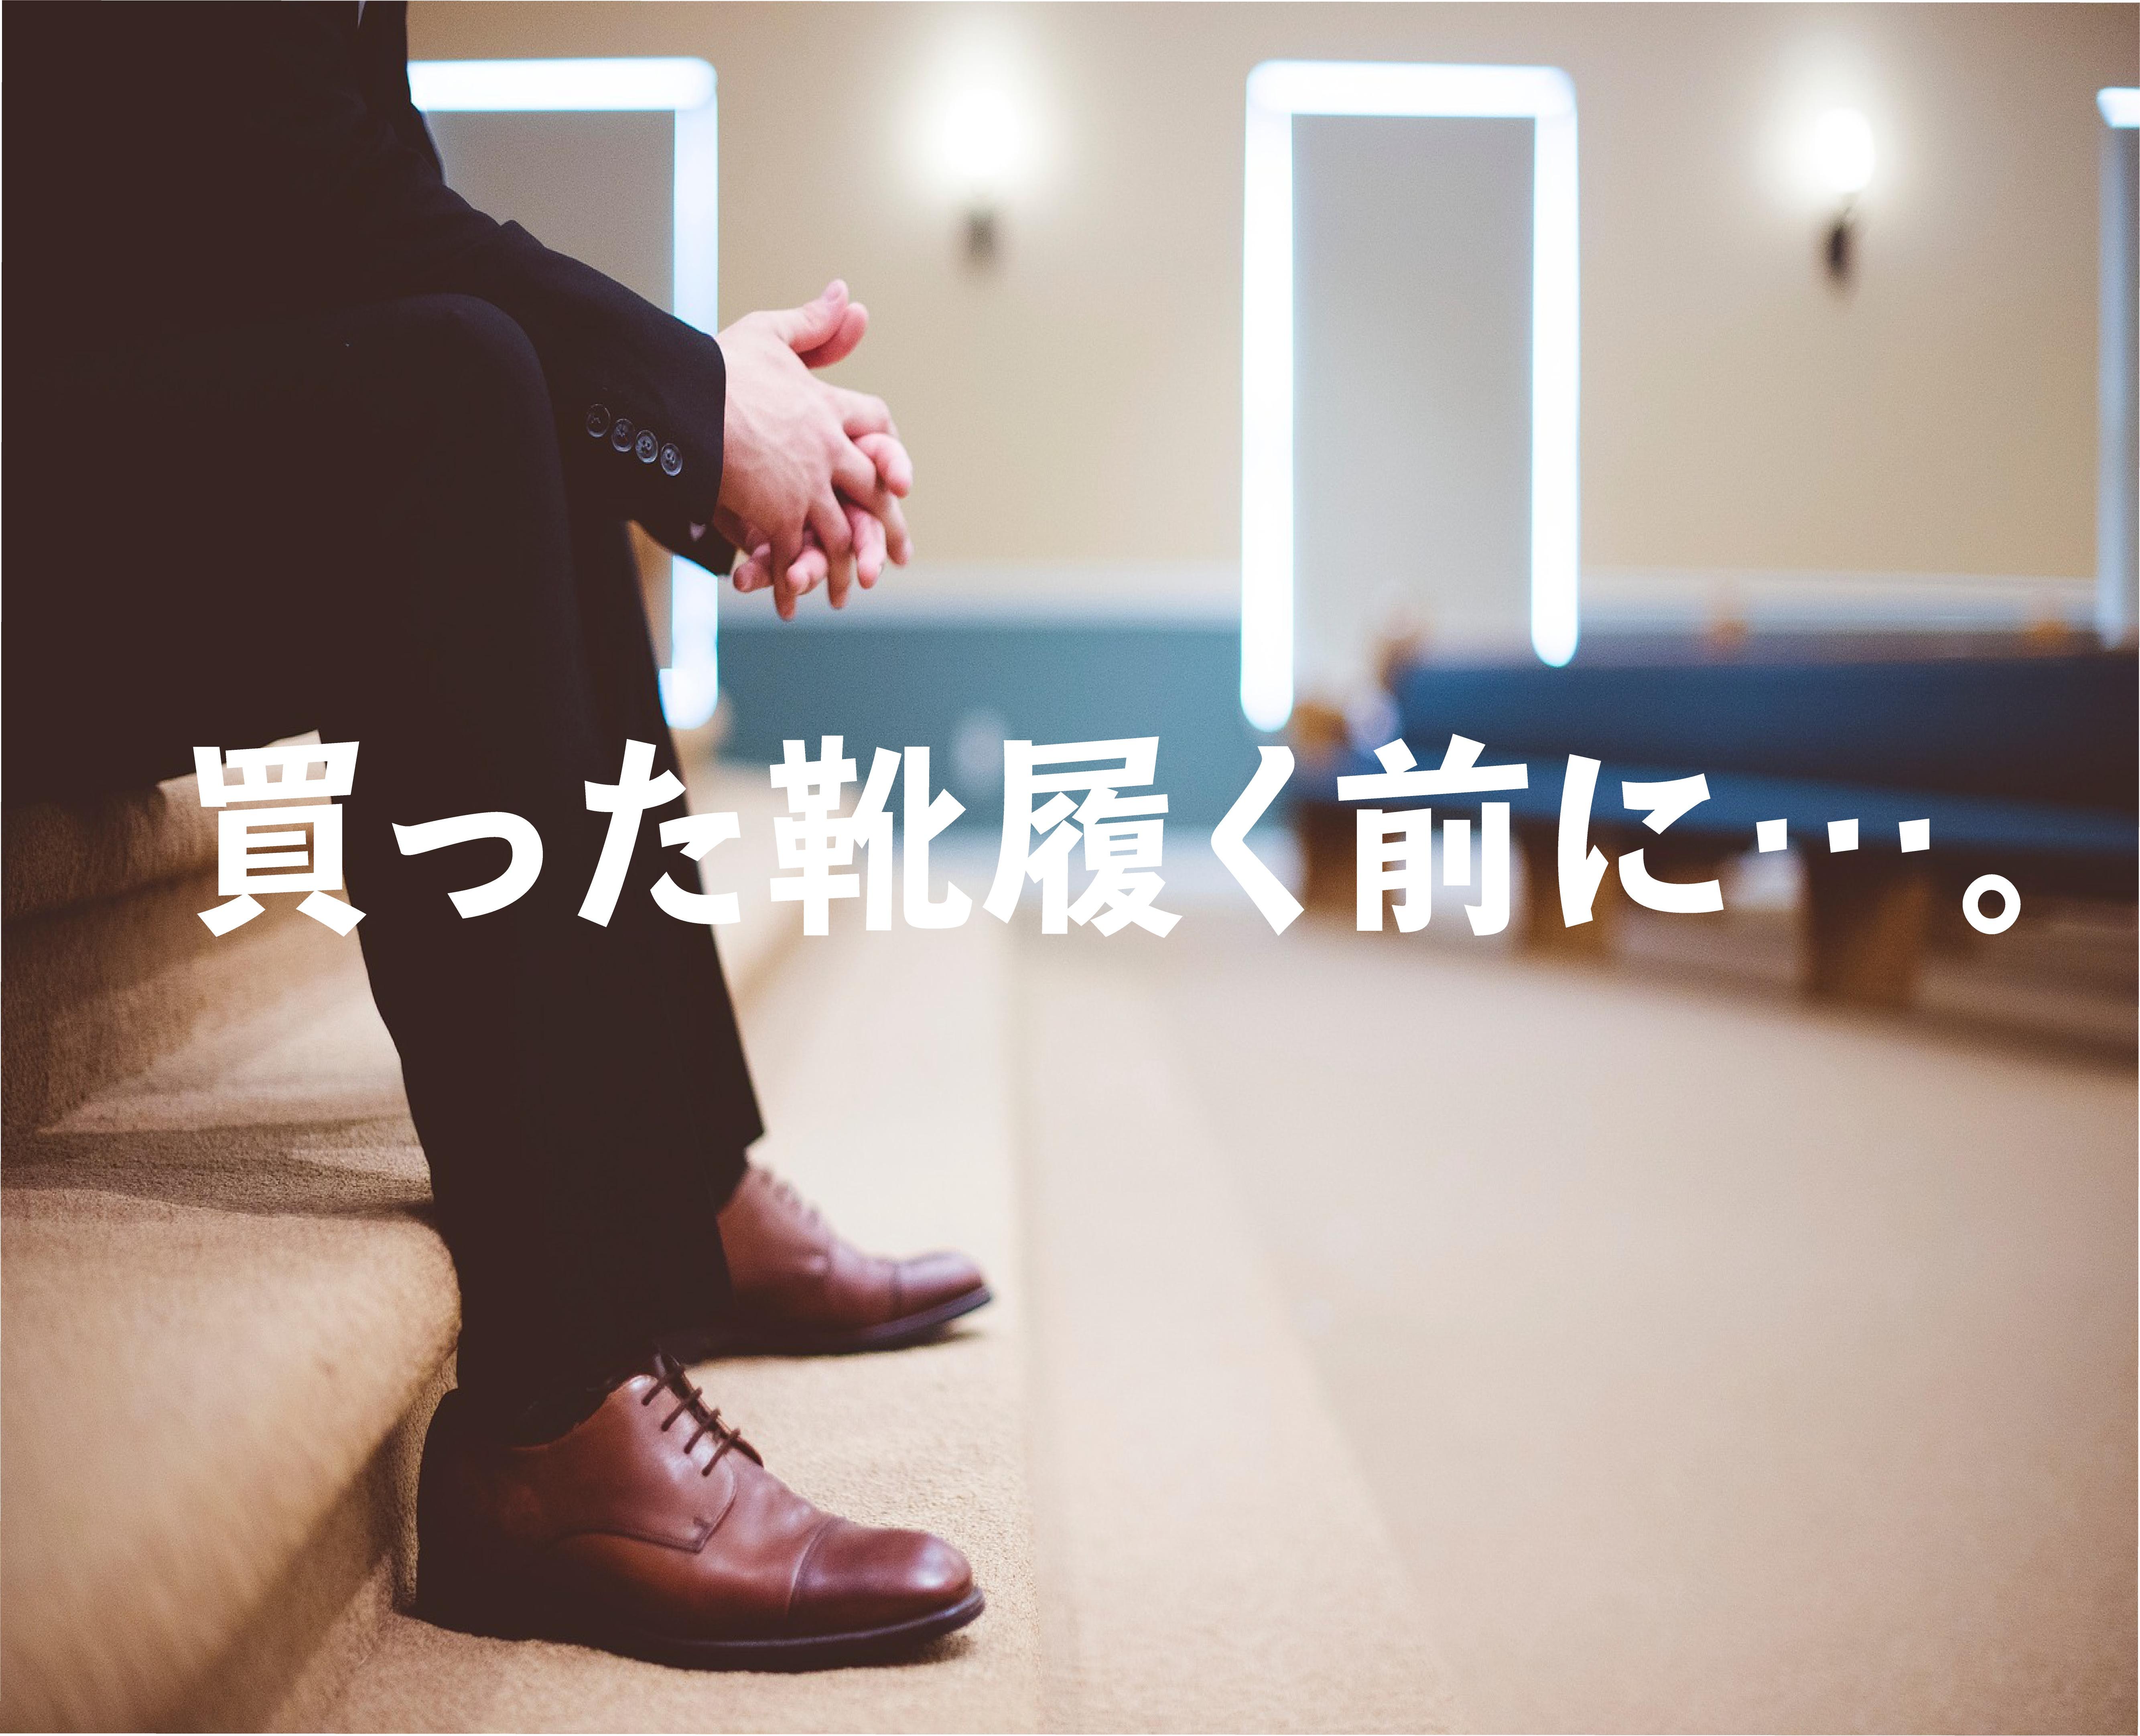 【プレメンテは必要!】履く前のケアが履き心地を変える!